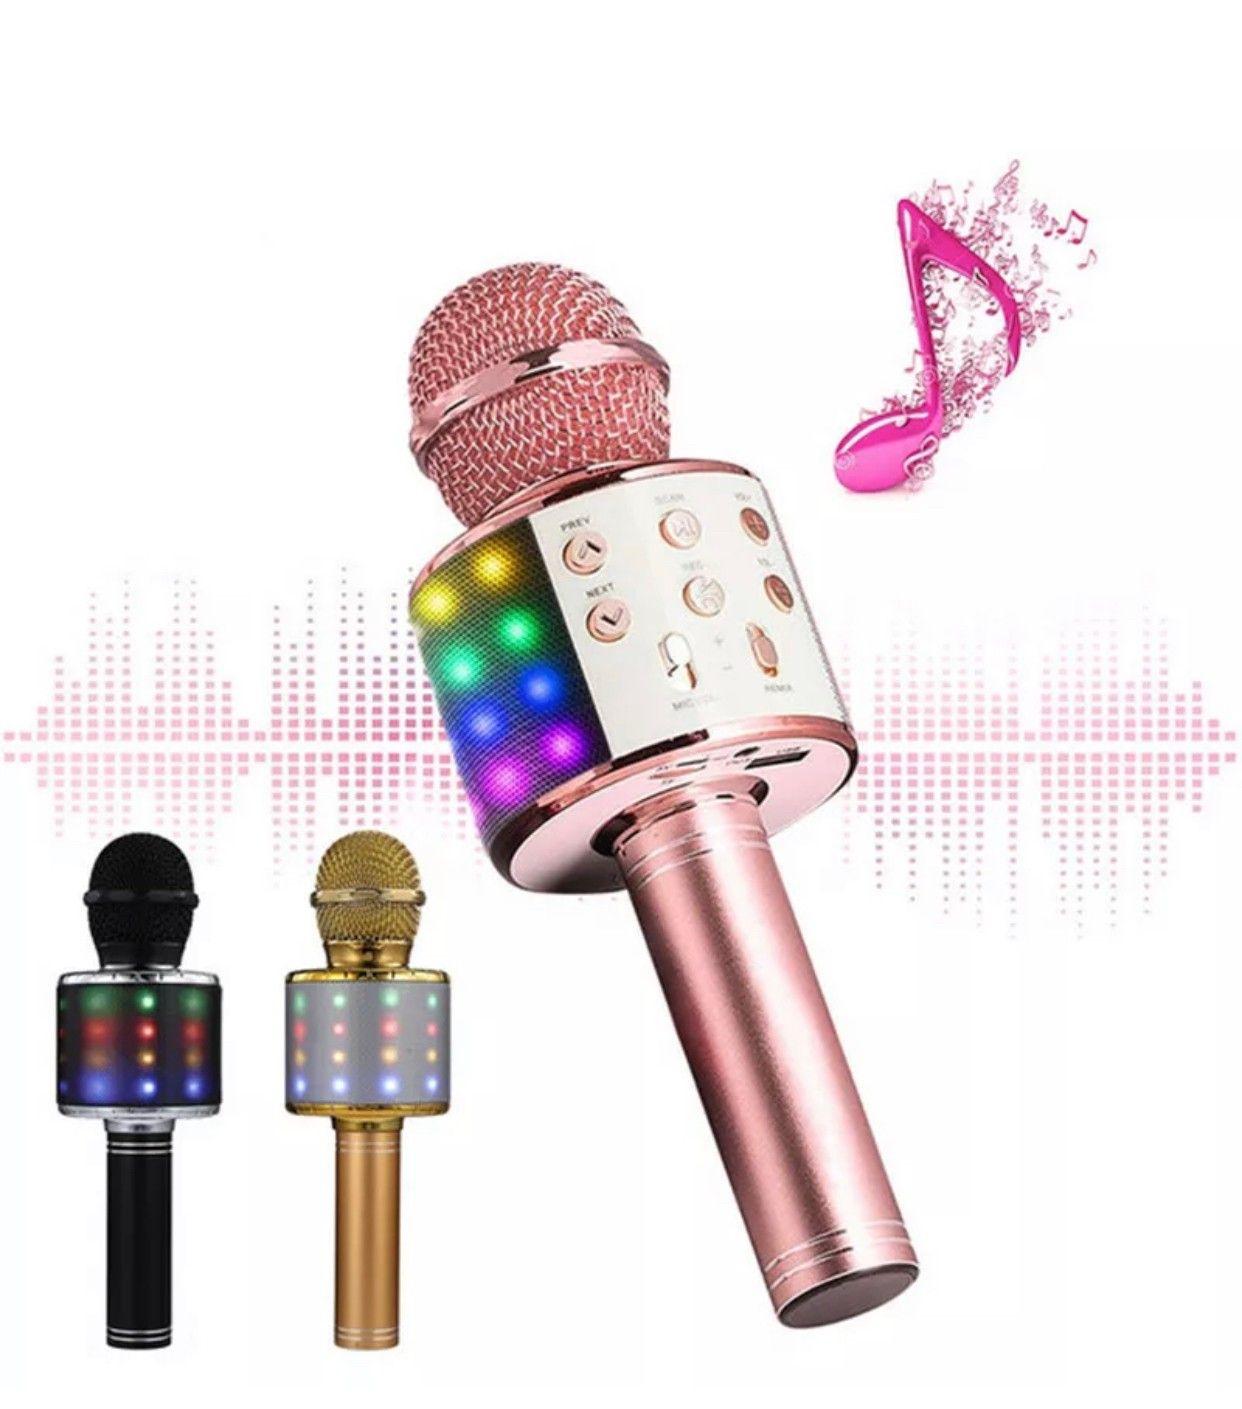 Bærbar mikrofon høyttaler | FINN.no